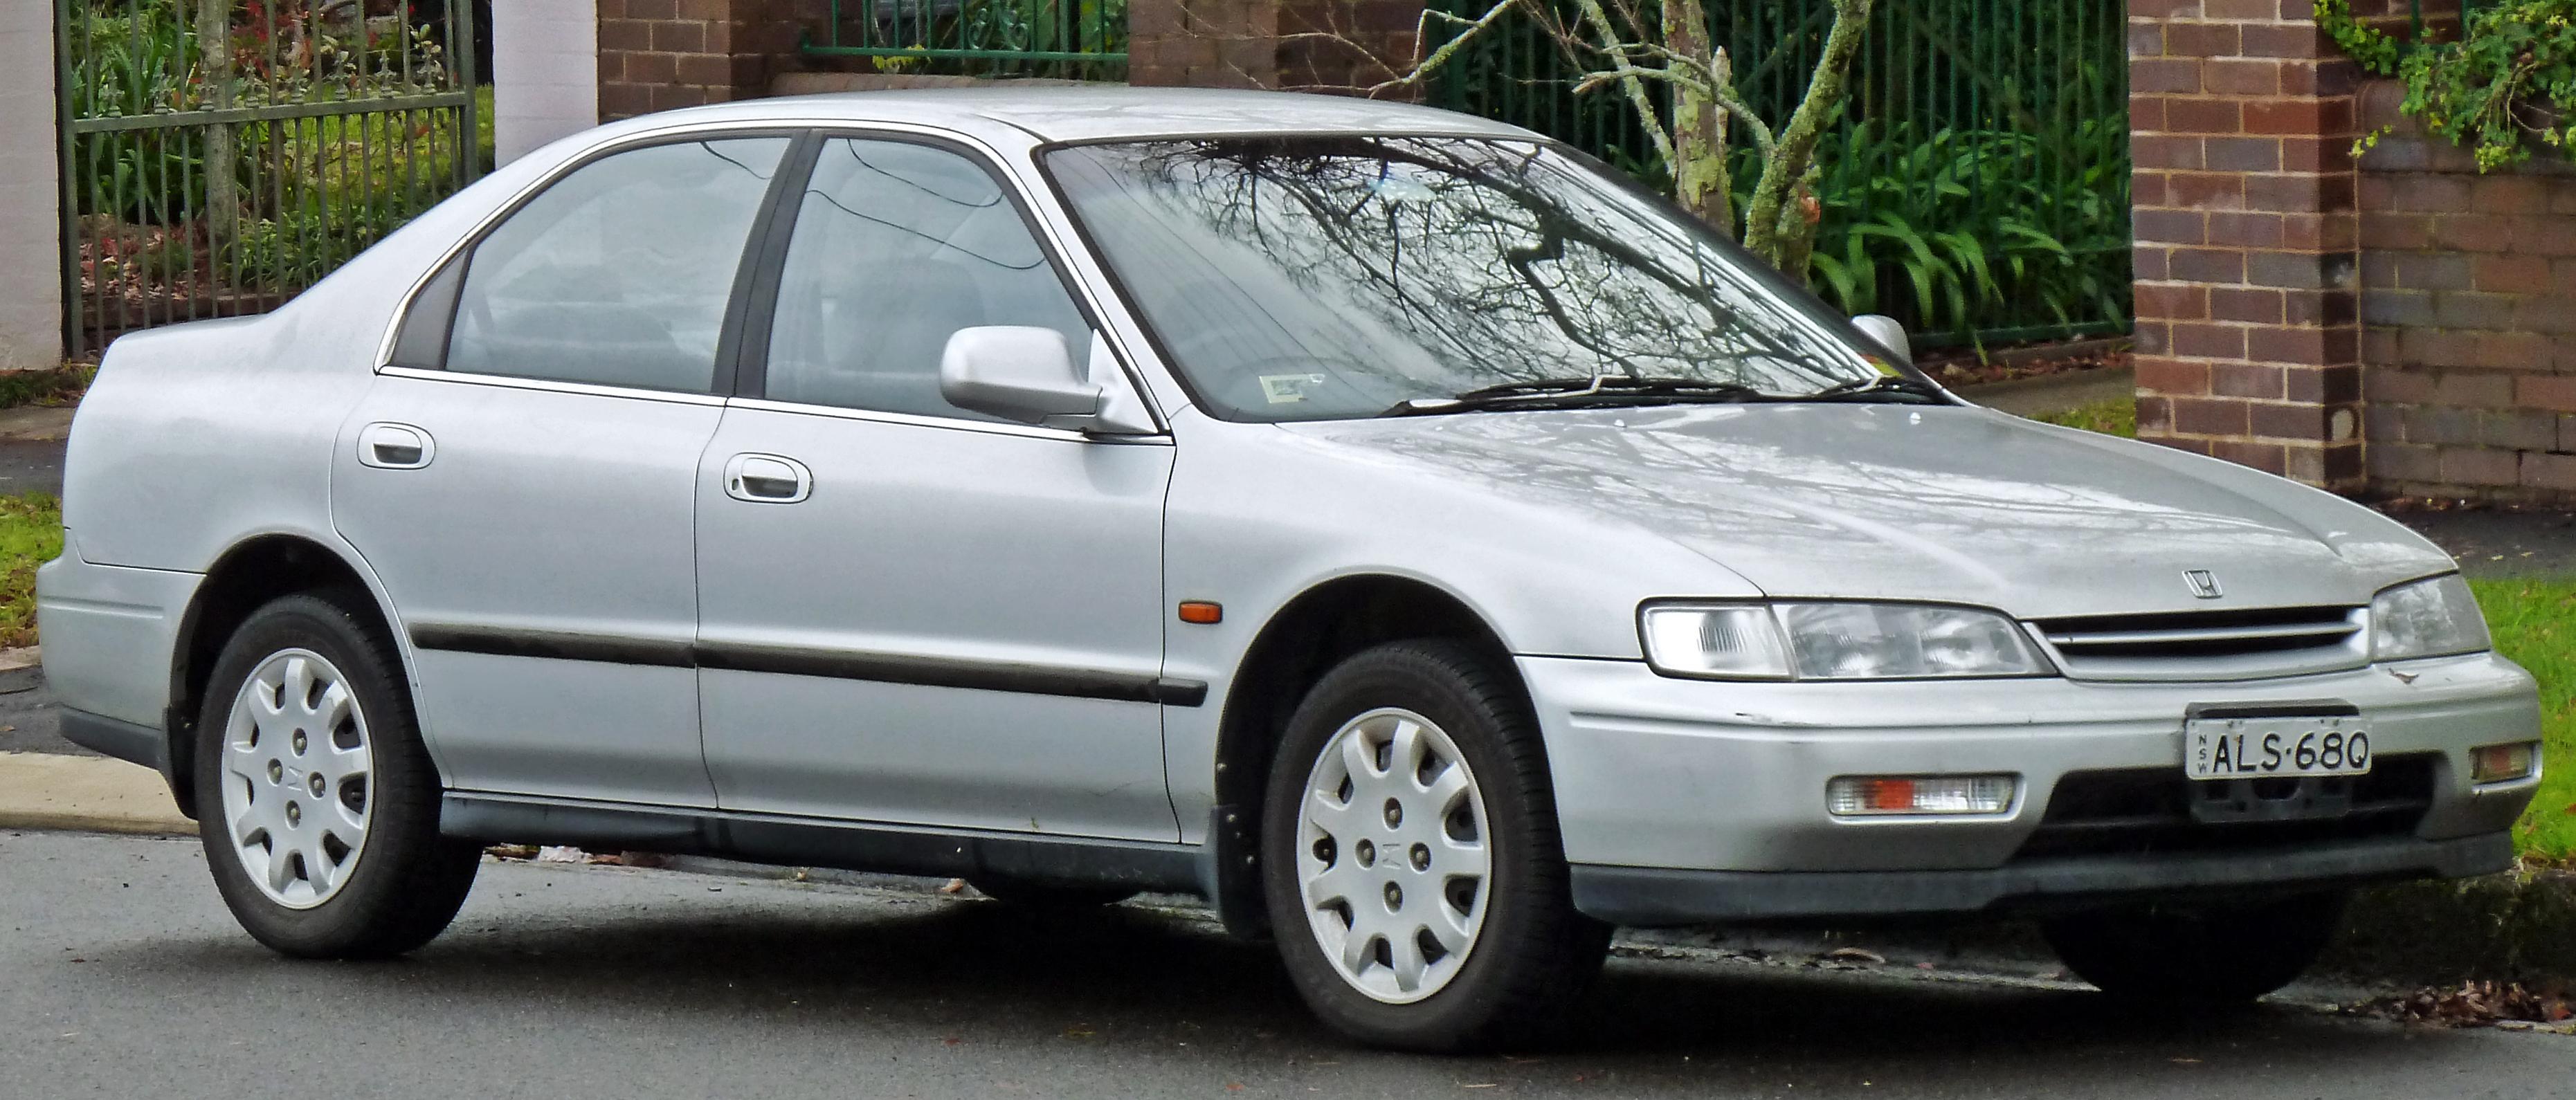 1993 Honda Accord Image 15